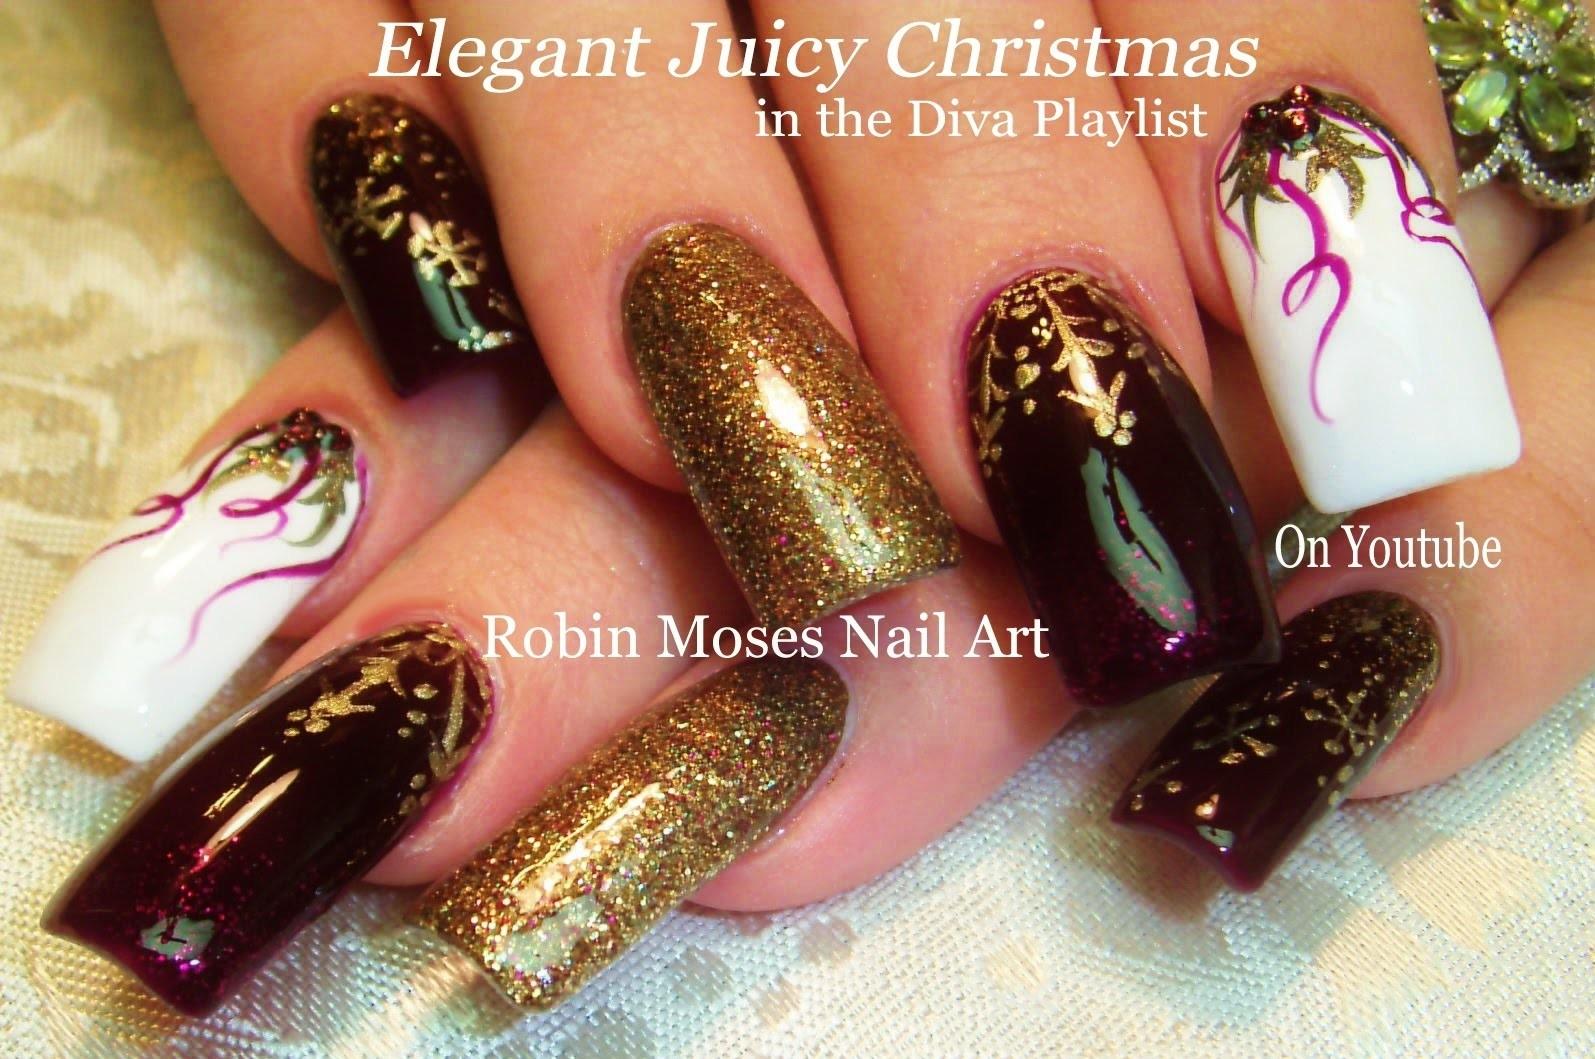 Christmas Nail Art With Bling : Nail art tutorial diy christmas xmas bling diva